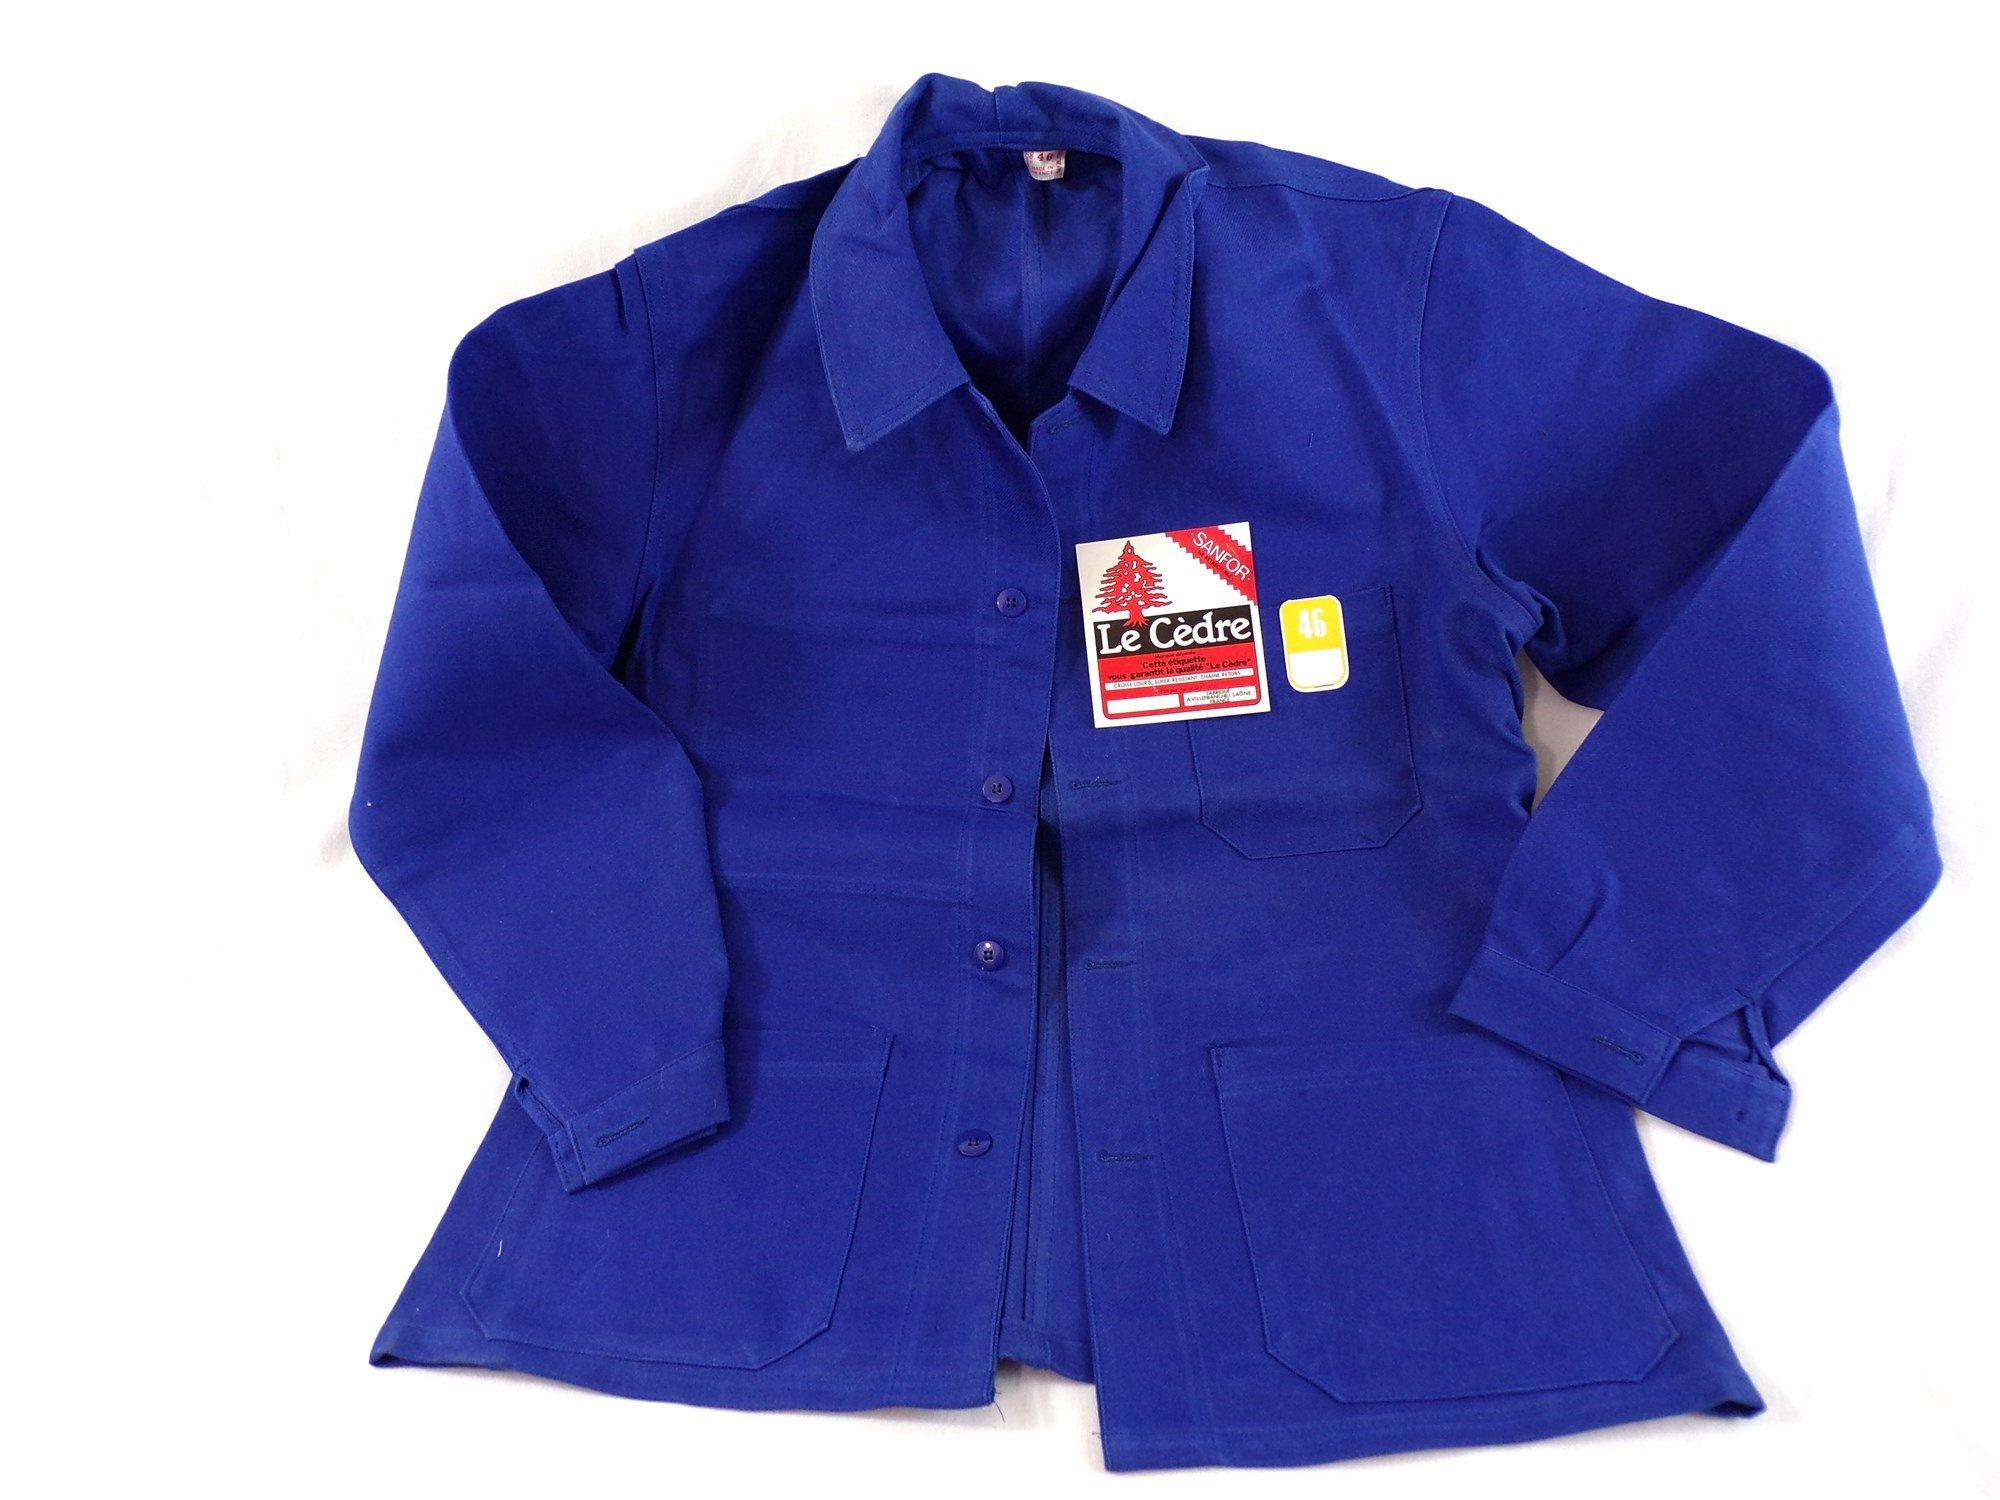 Veste vintage bleu de travail marque le Cèdre made in